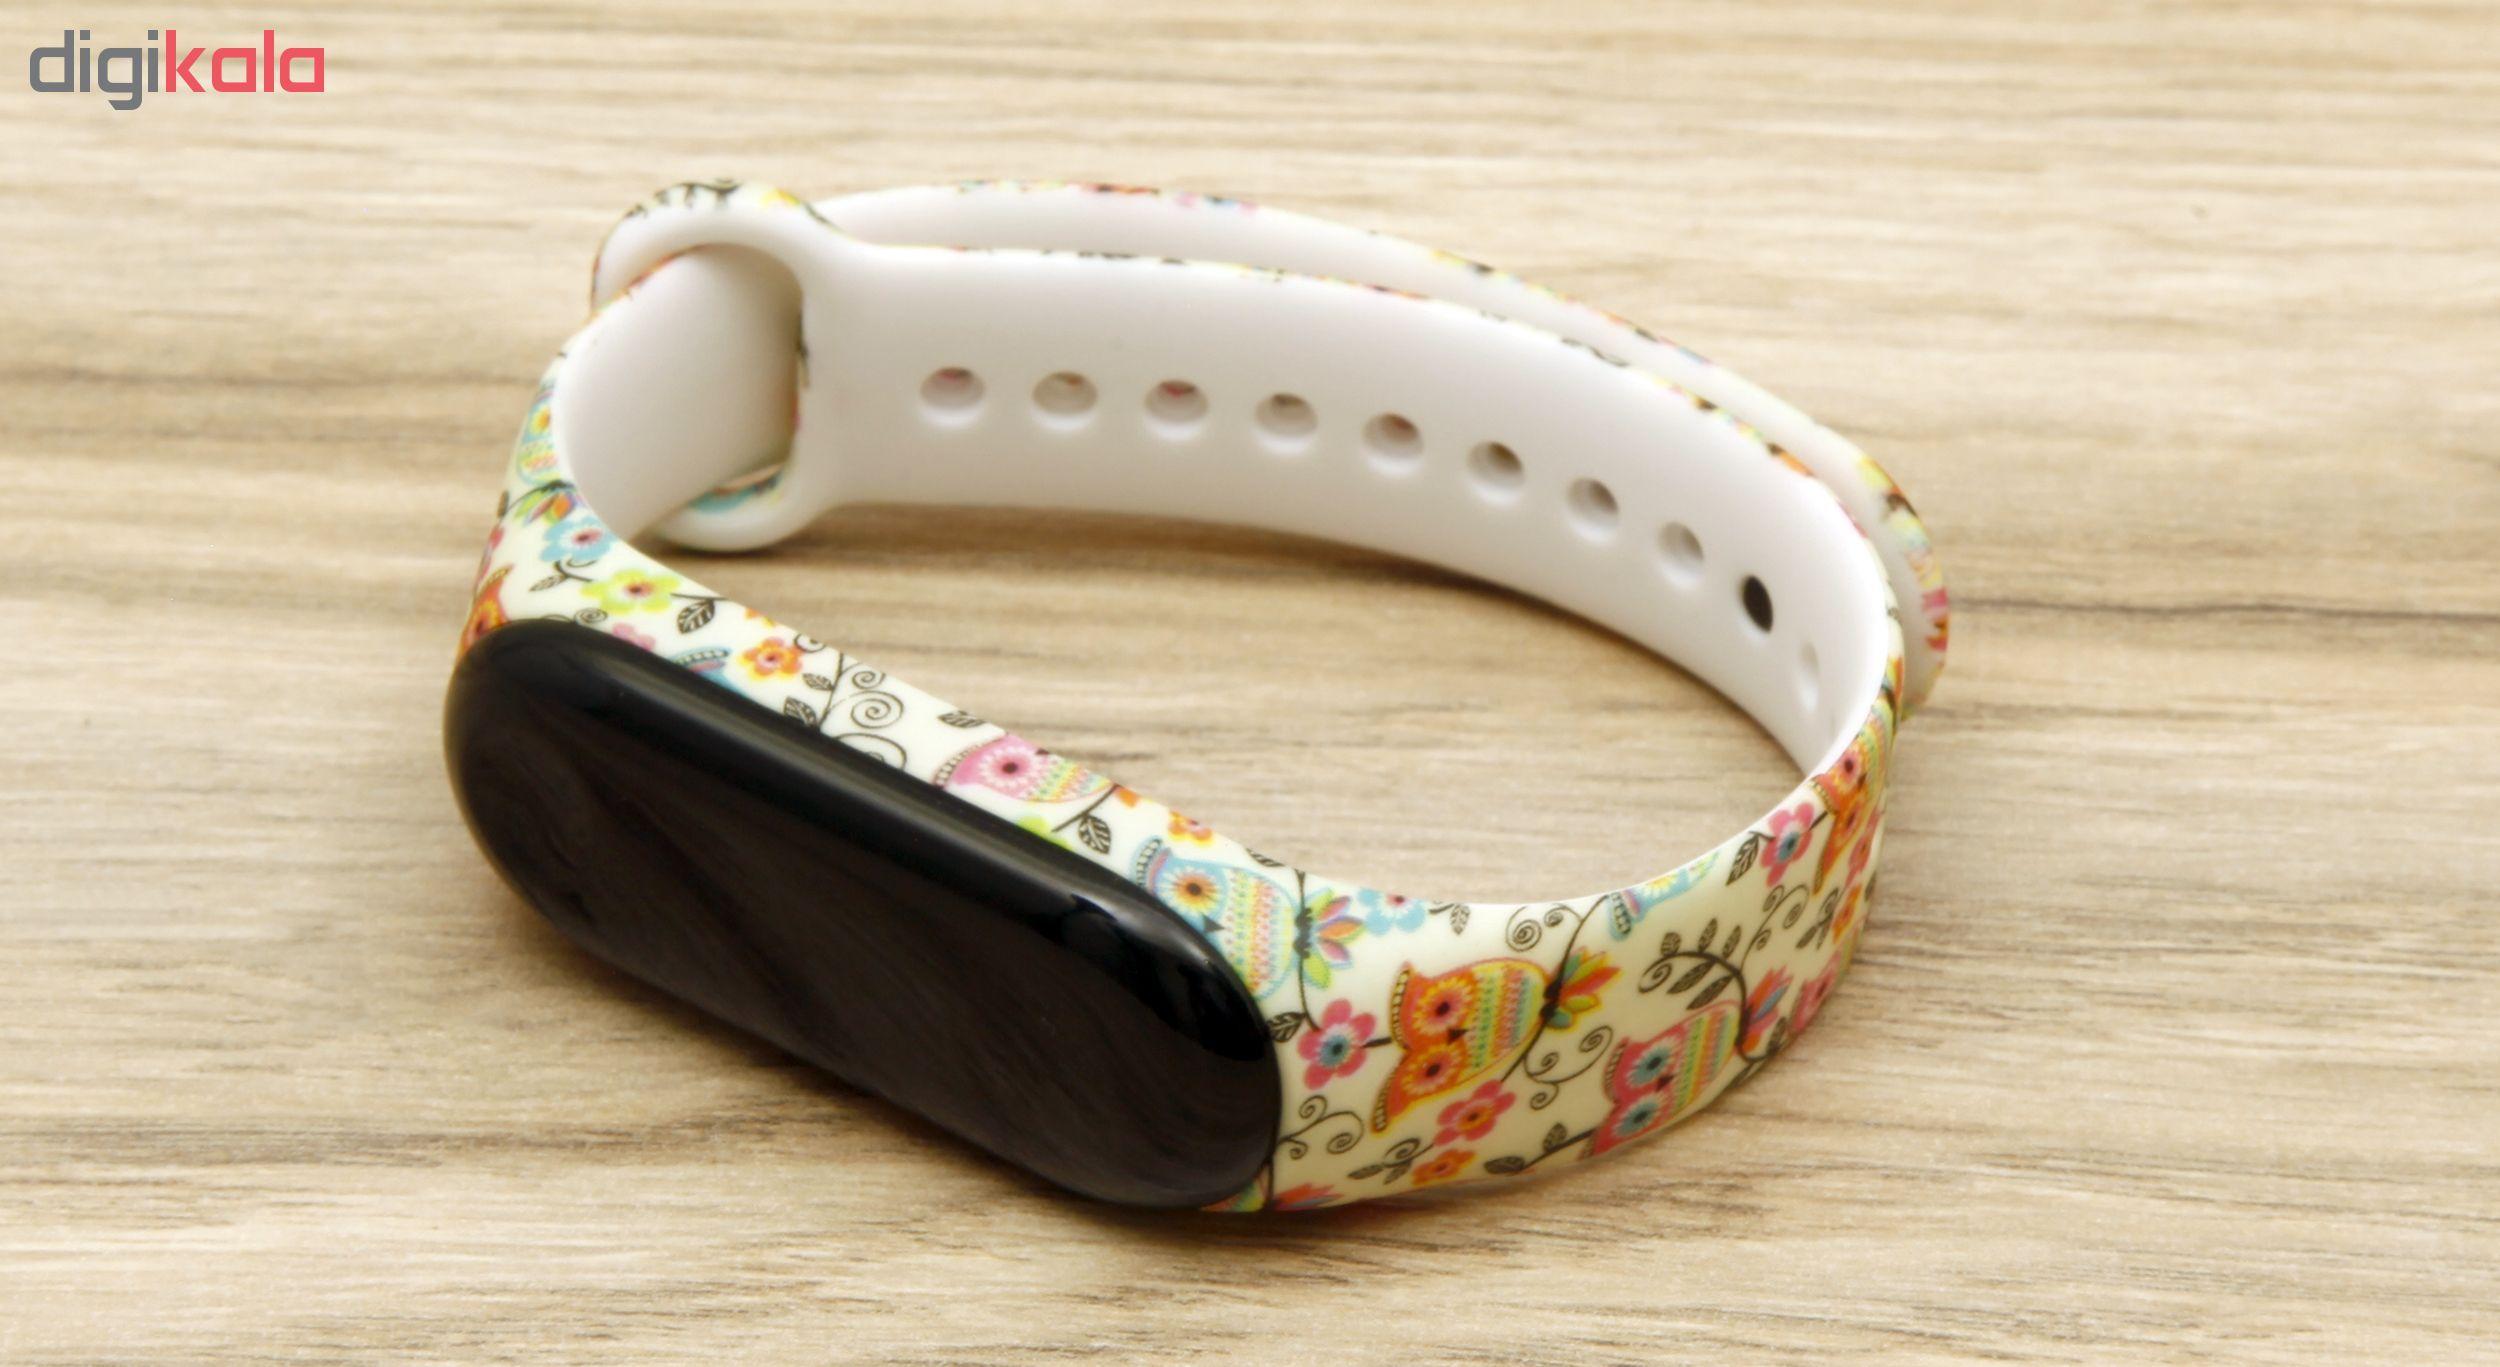 بند مچ بند هوشمند سومگ مدل  SMG-14 مناسب برای مچ بند هوشمند شیائومی Mi Band 3 و M3 main 1 4